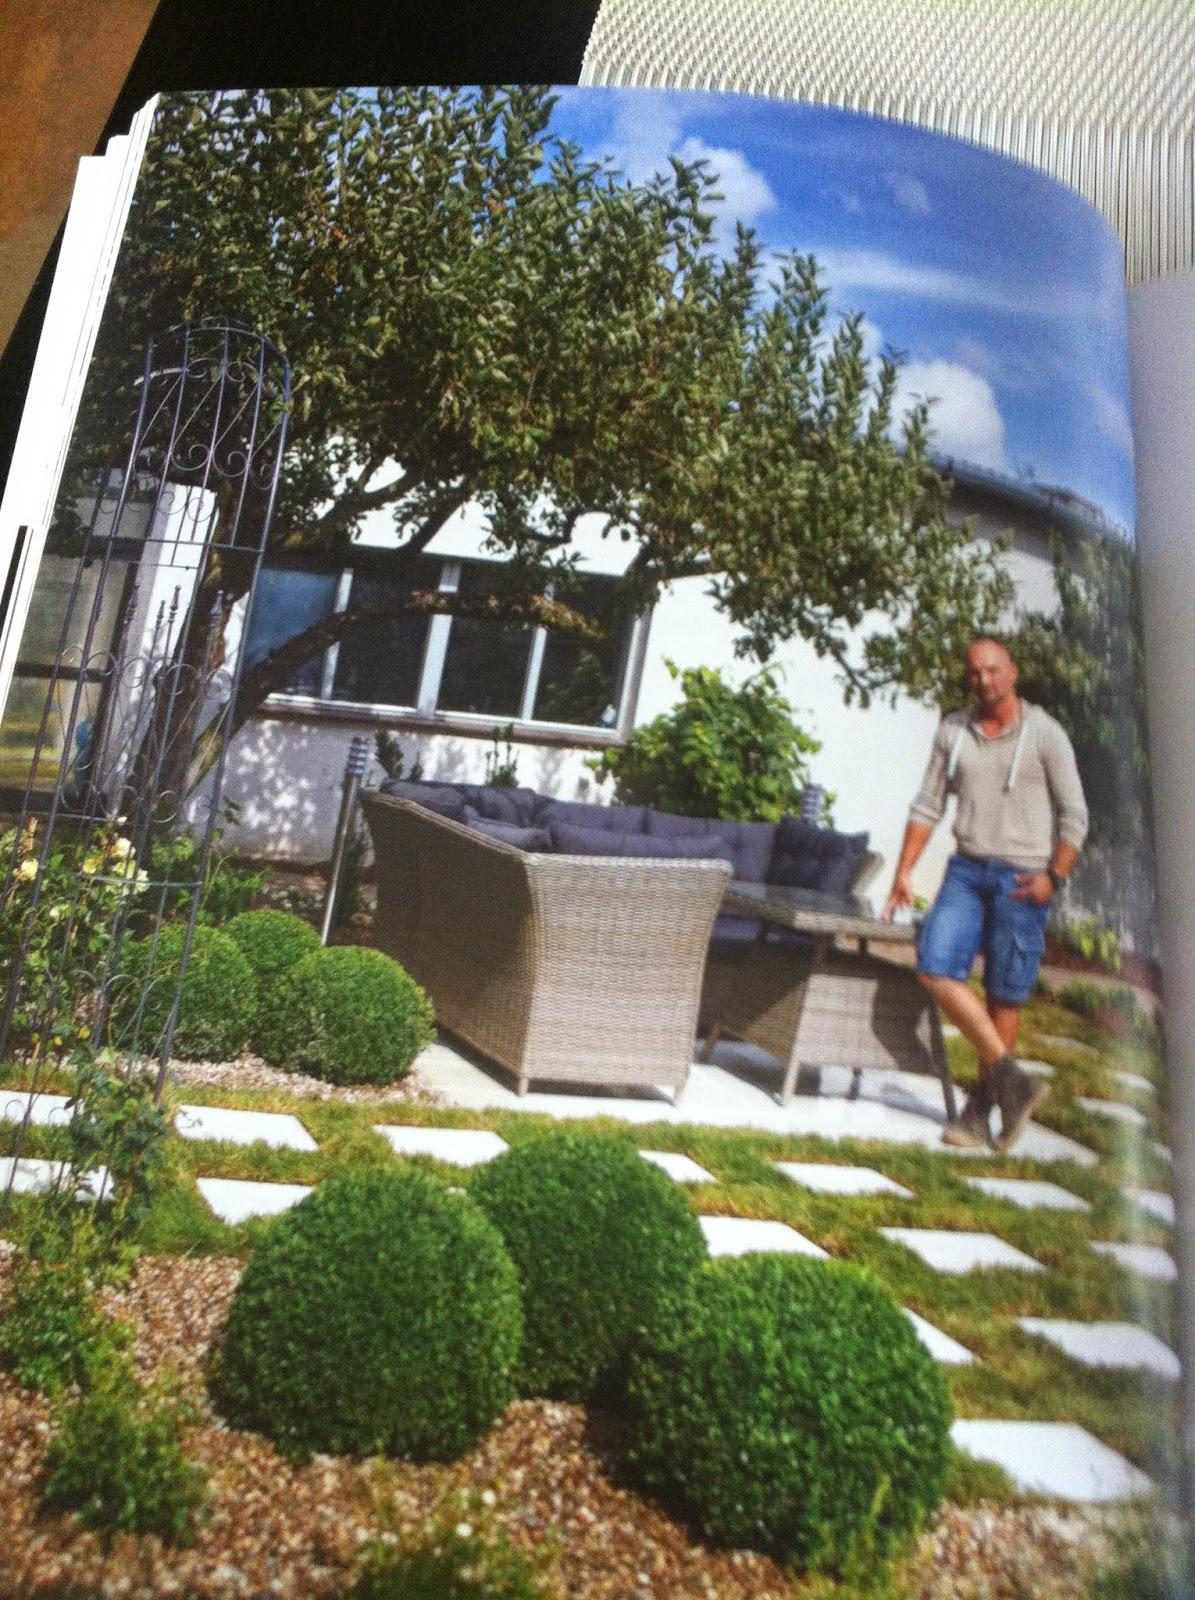 Anna - moje książki: Odlotowy ogród - Dominik Strzelec